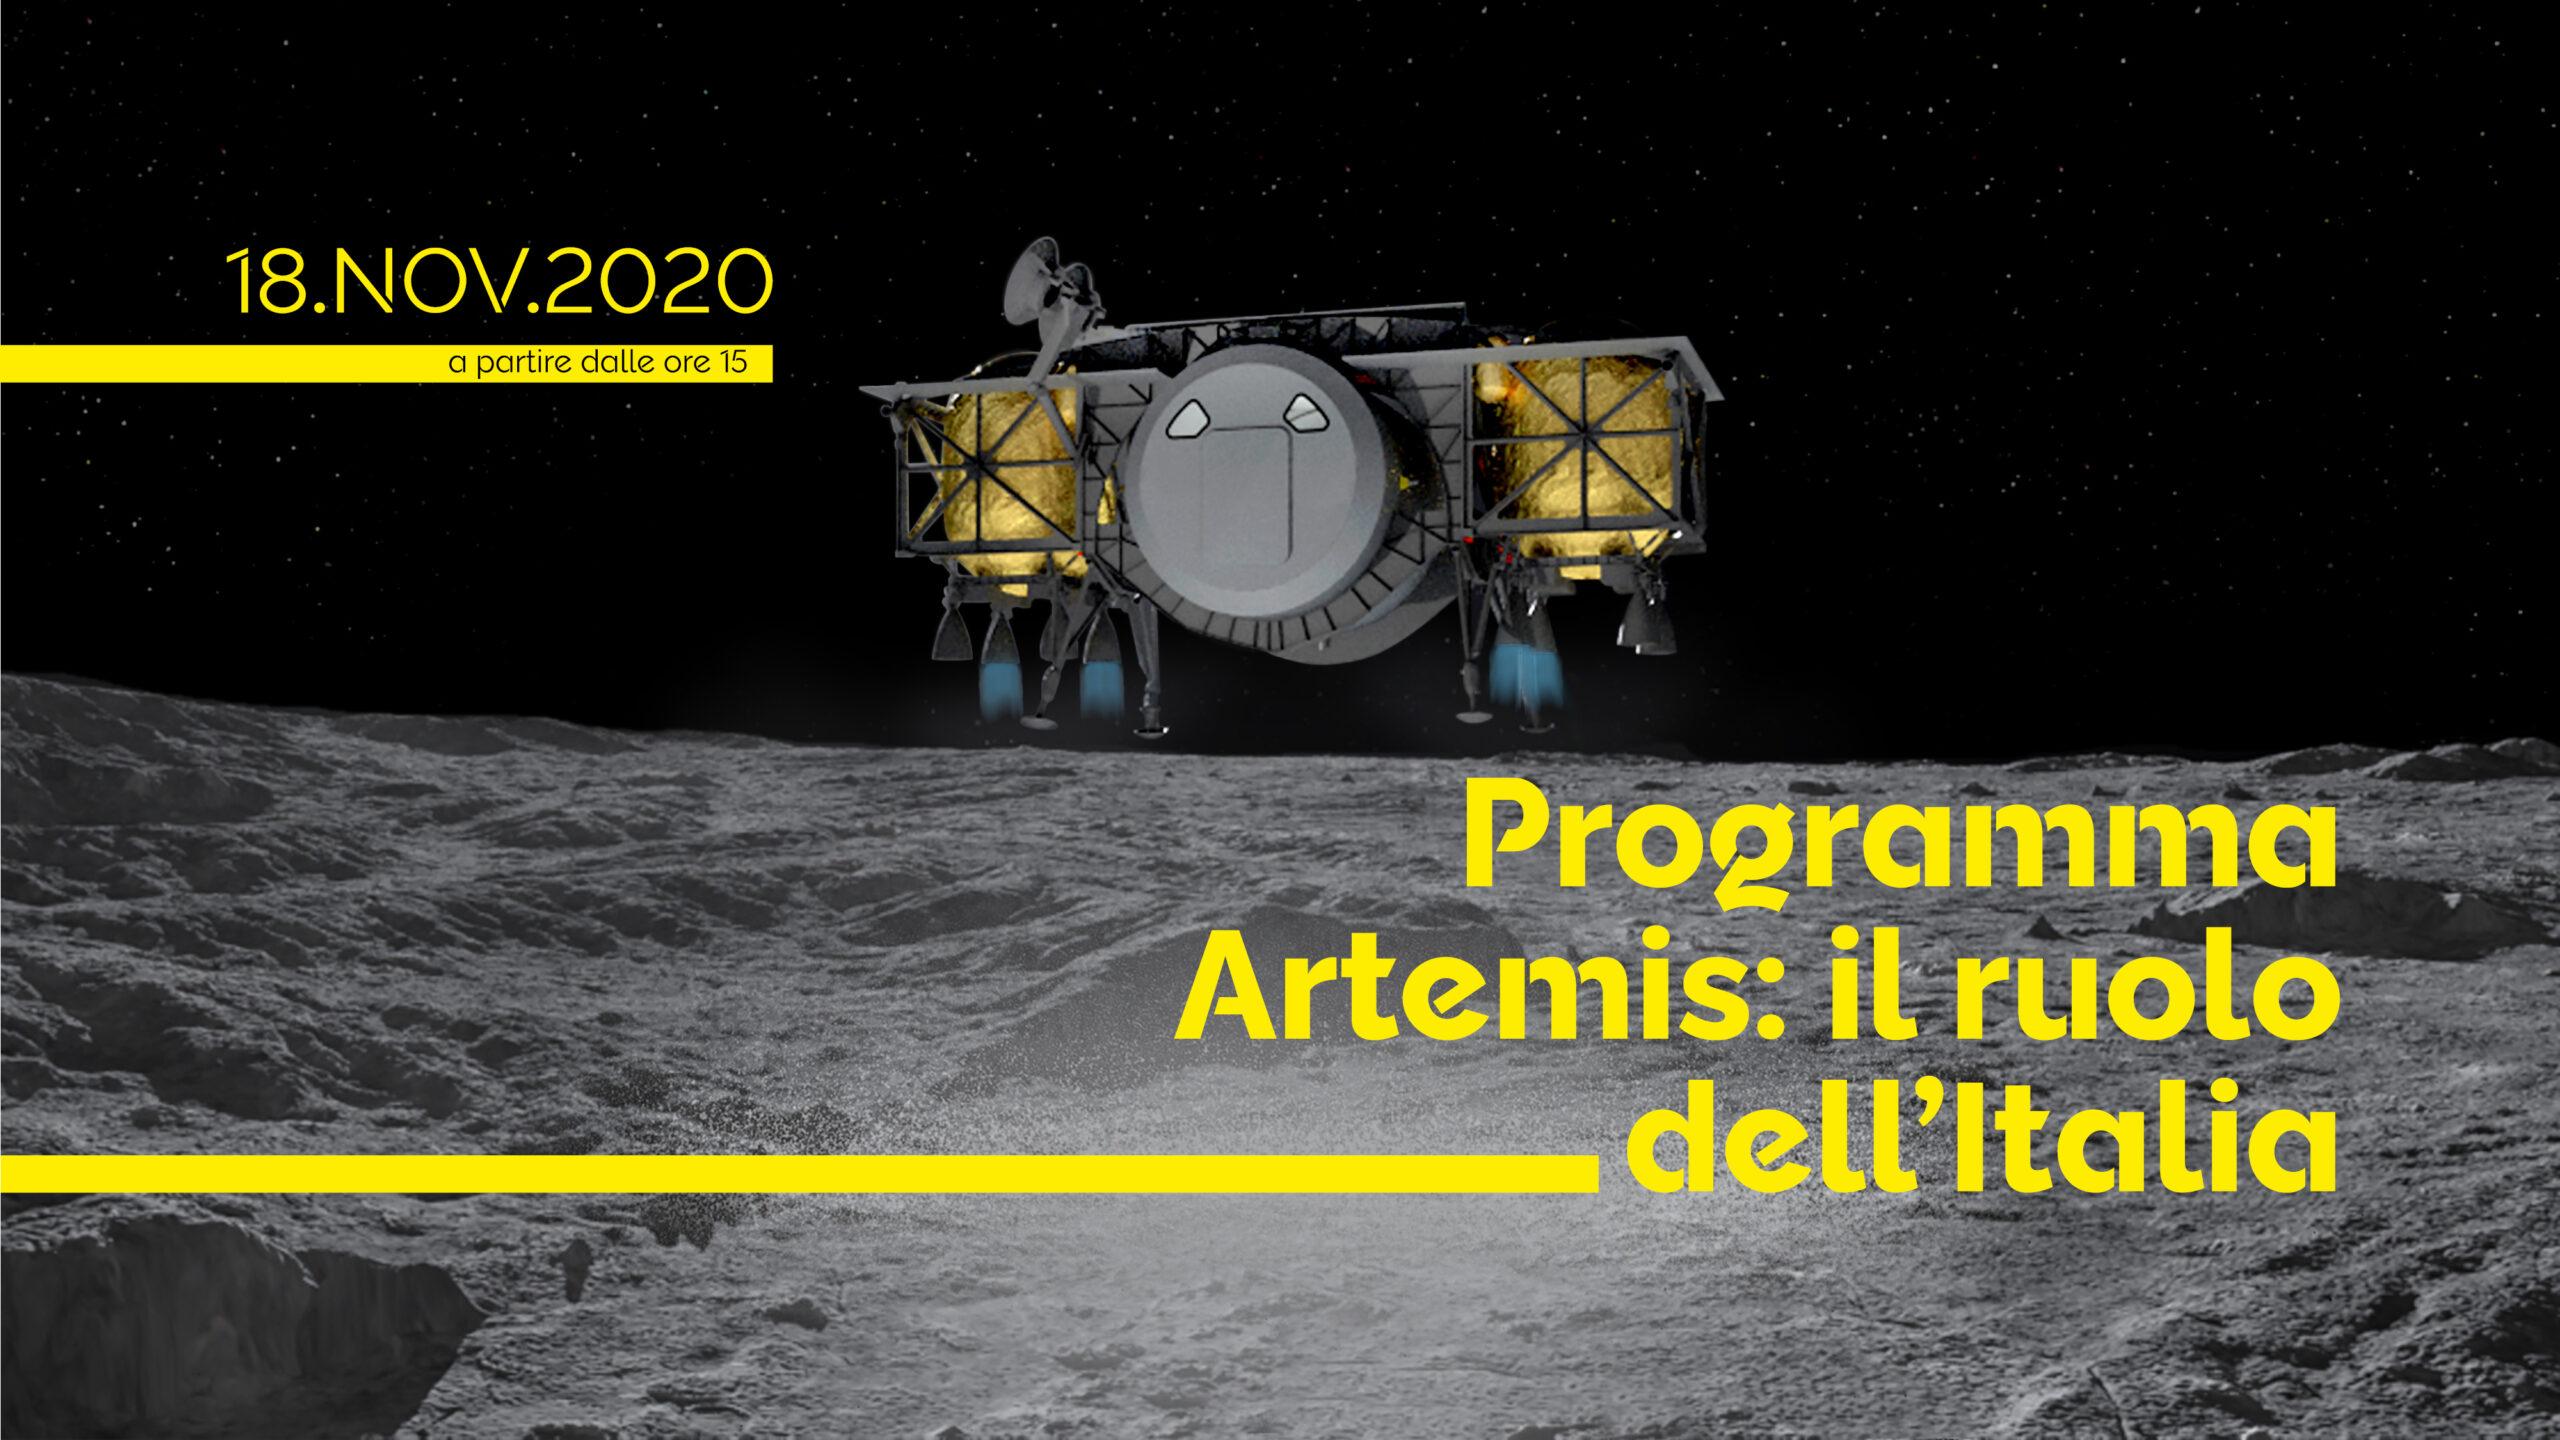 ASI - Artemis: il ruolo dell'Italia